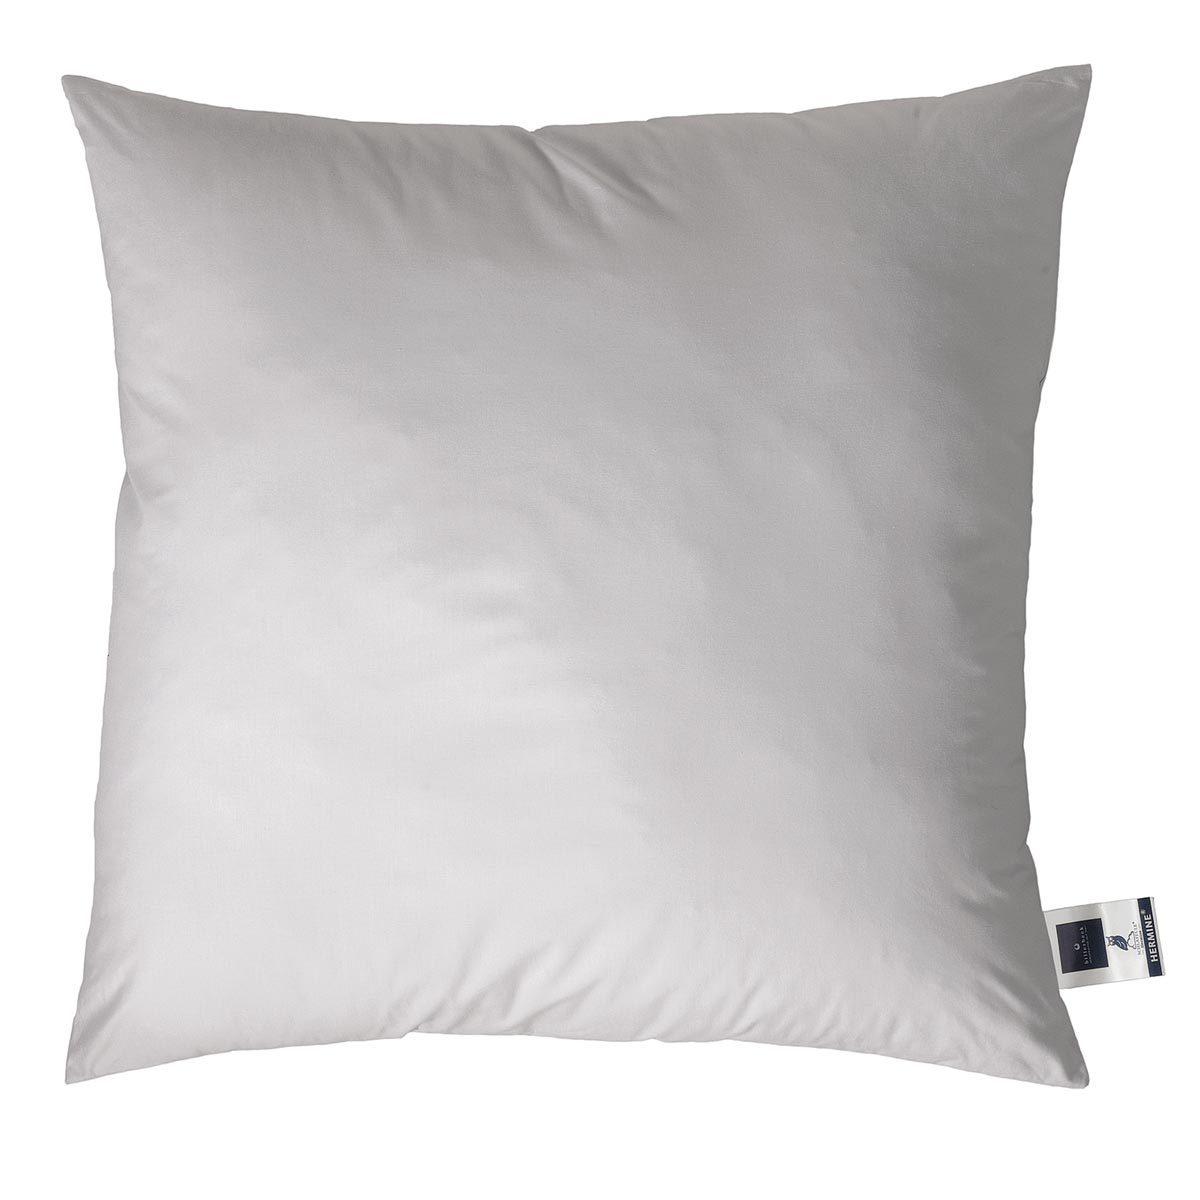 Hermine Kopfkissen 15% Daunen silver